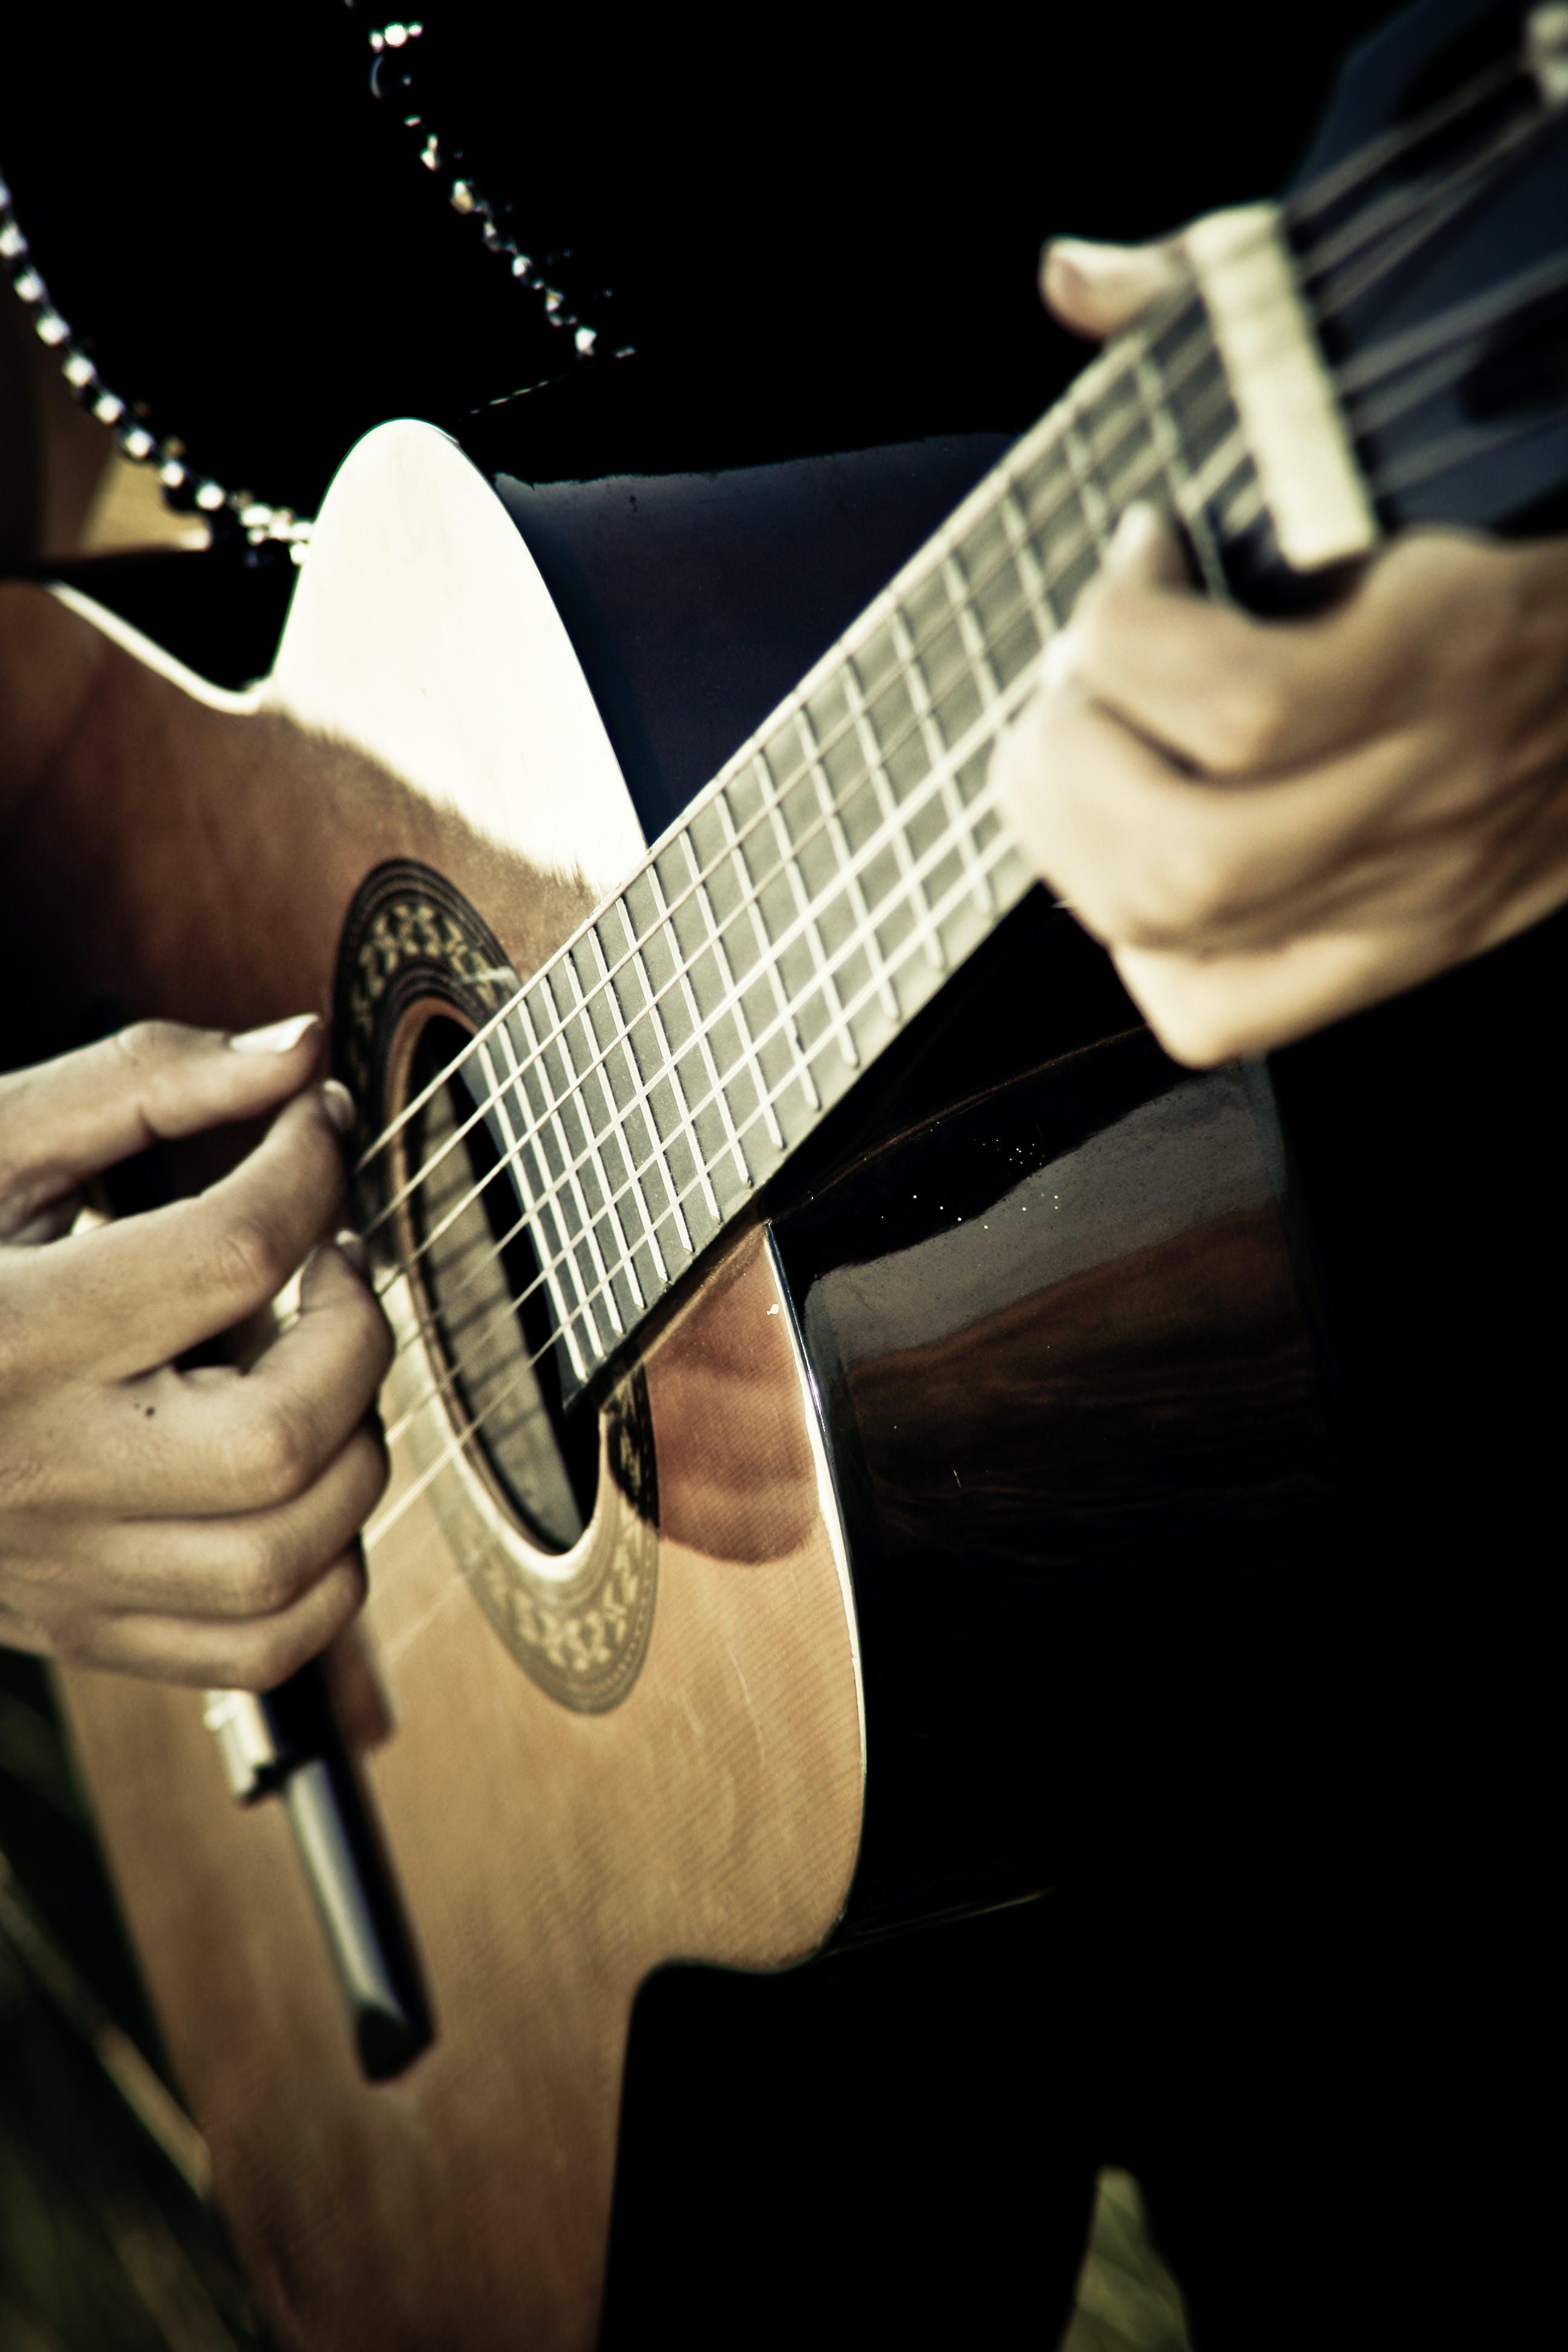 Free stock photo of acoustic guitar, box guitar, classical guitar, guitar